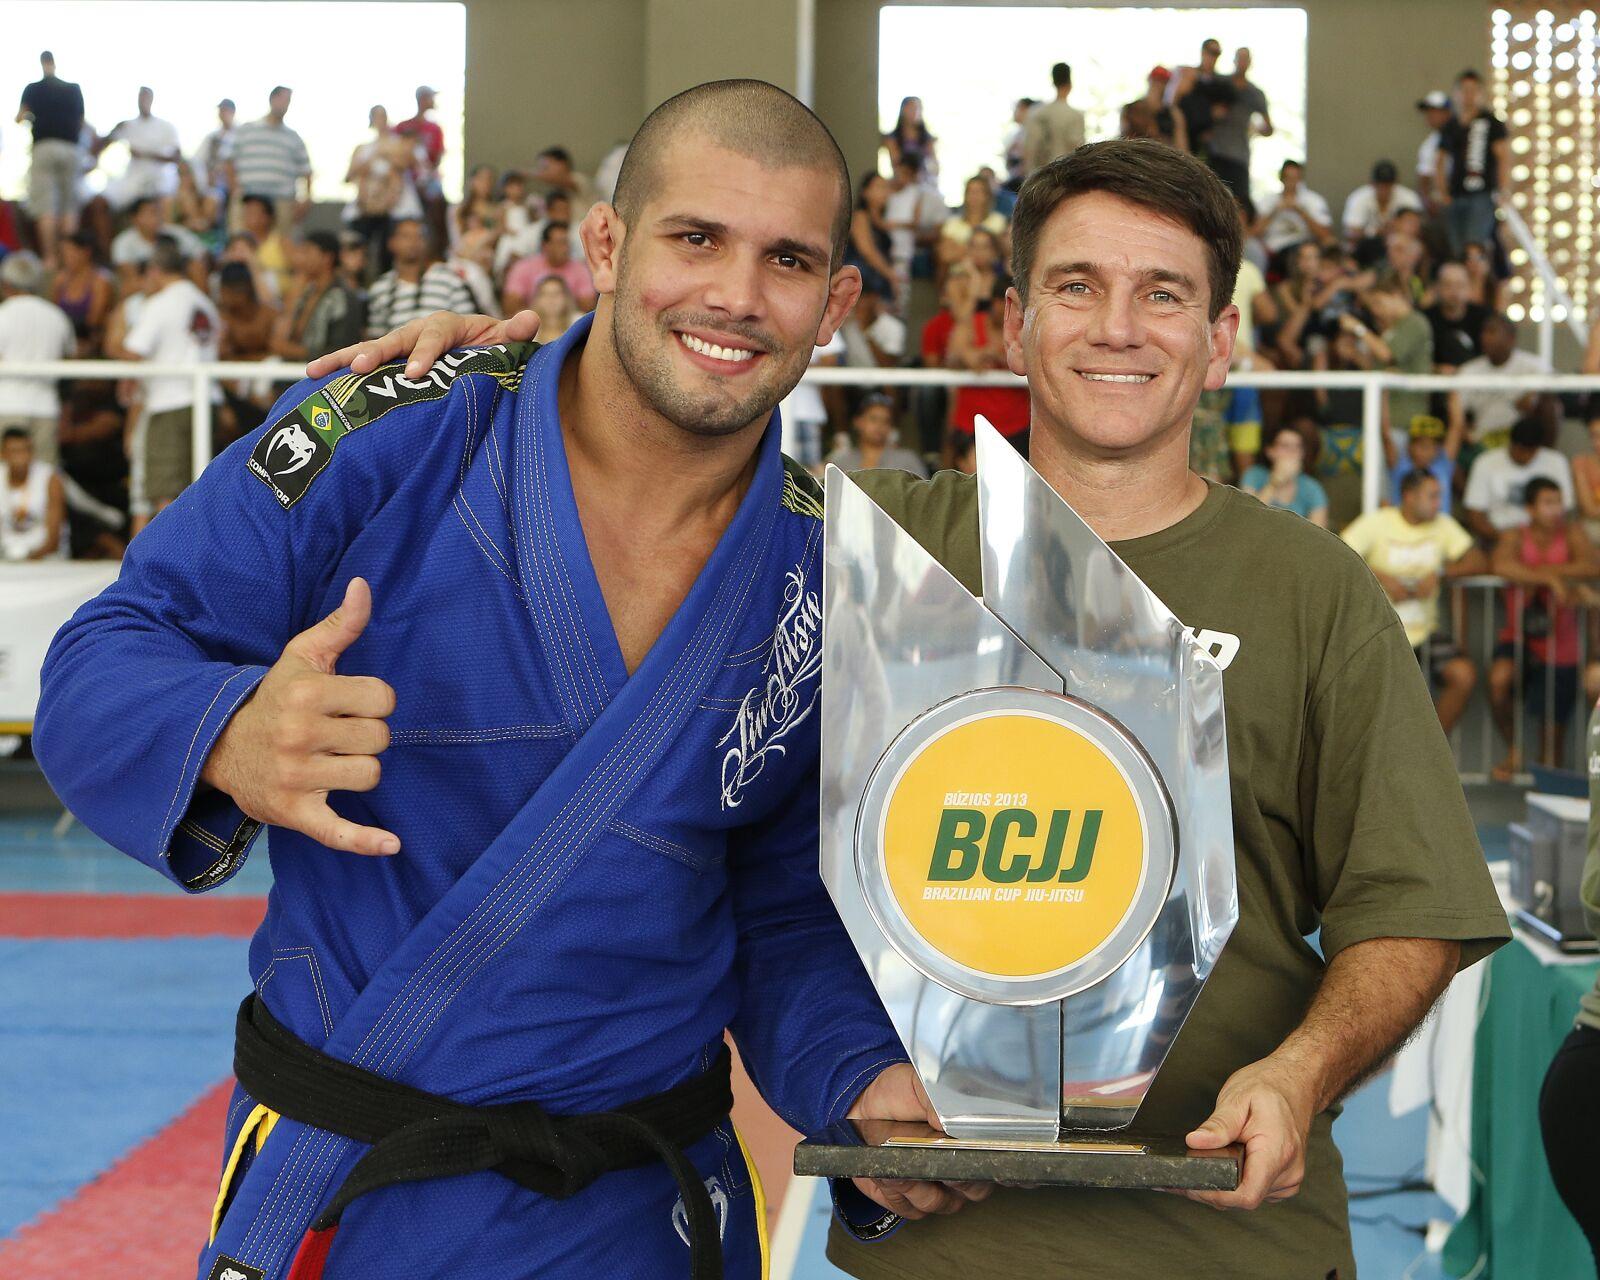 UFC Uruguay: Brazilian Jiu-Jitsu ace Rodolfo Vieira is the debut fighter to watch